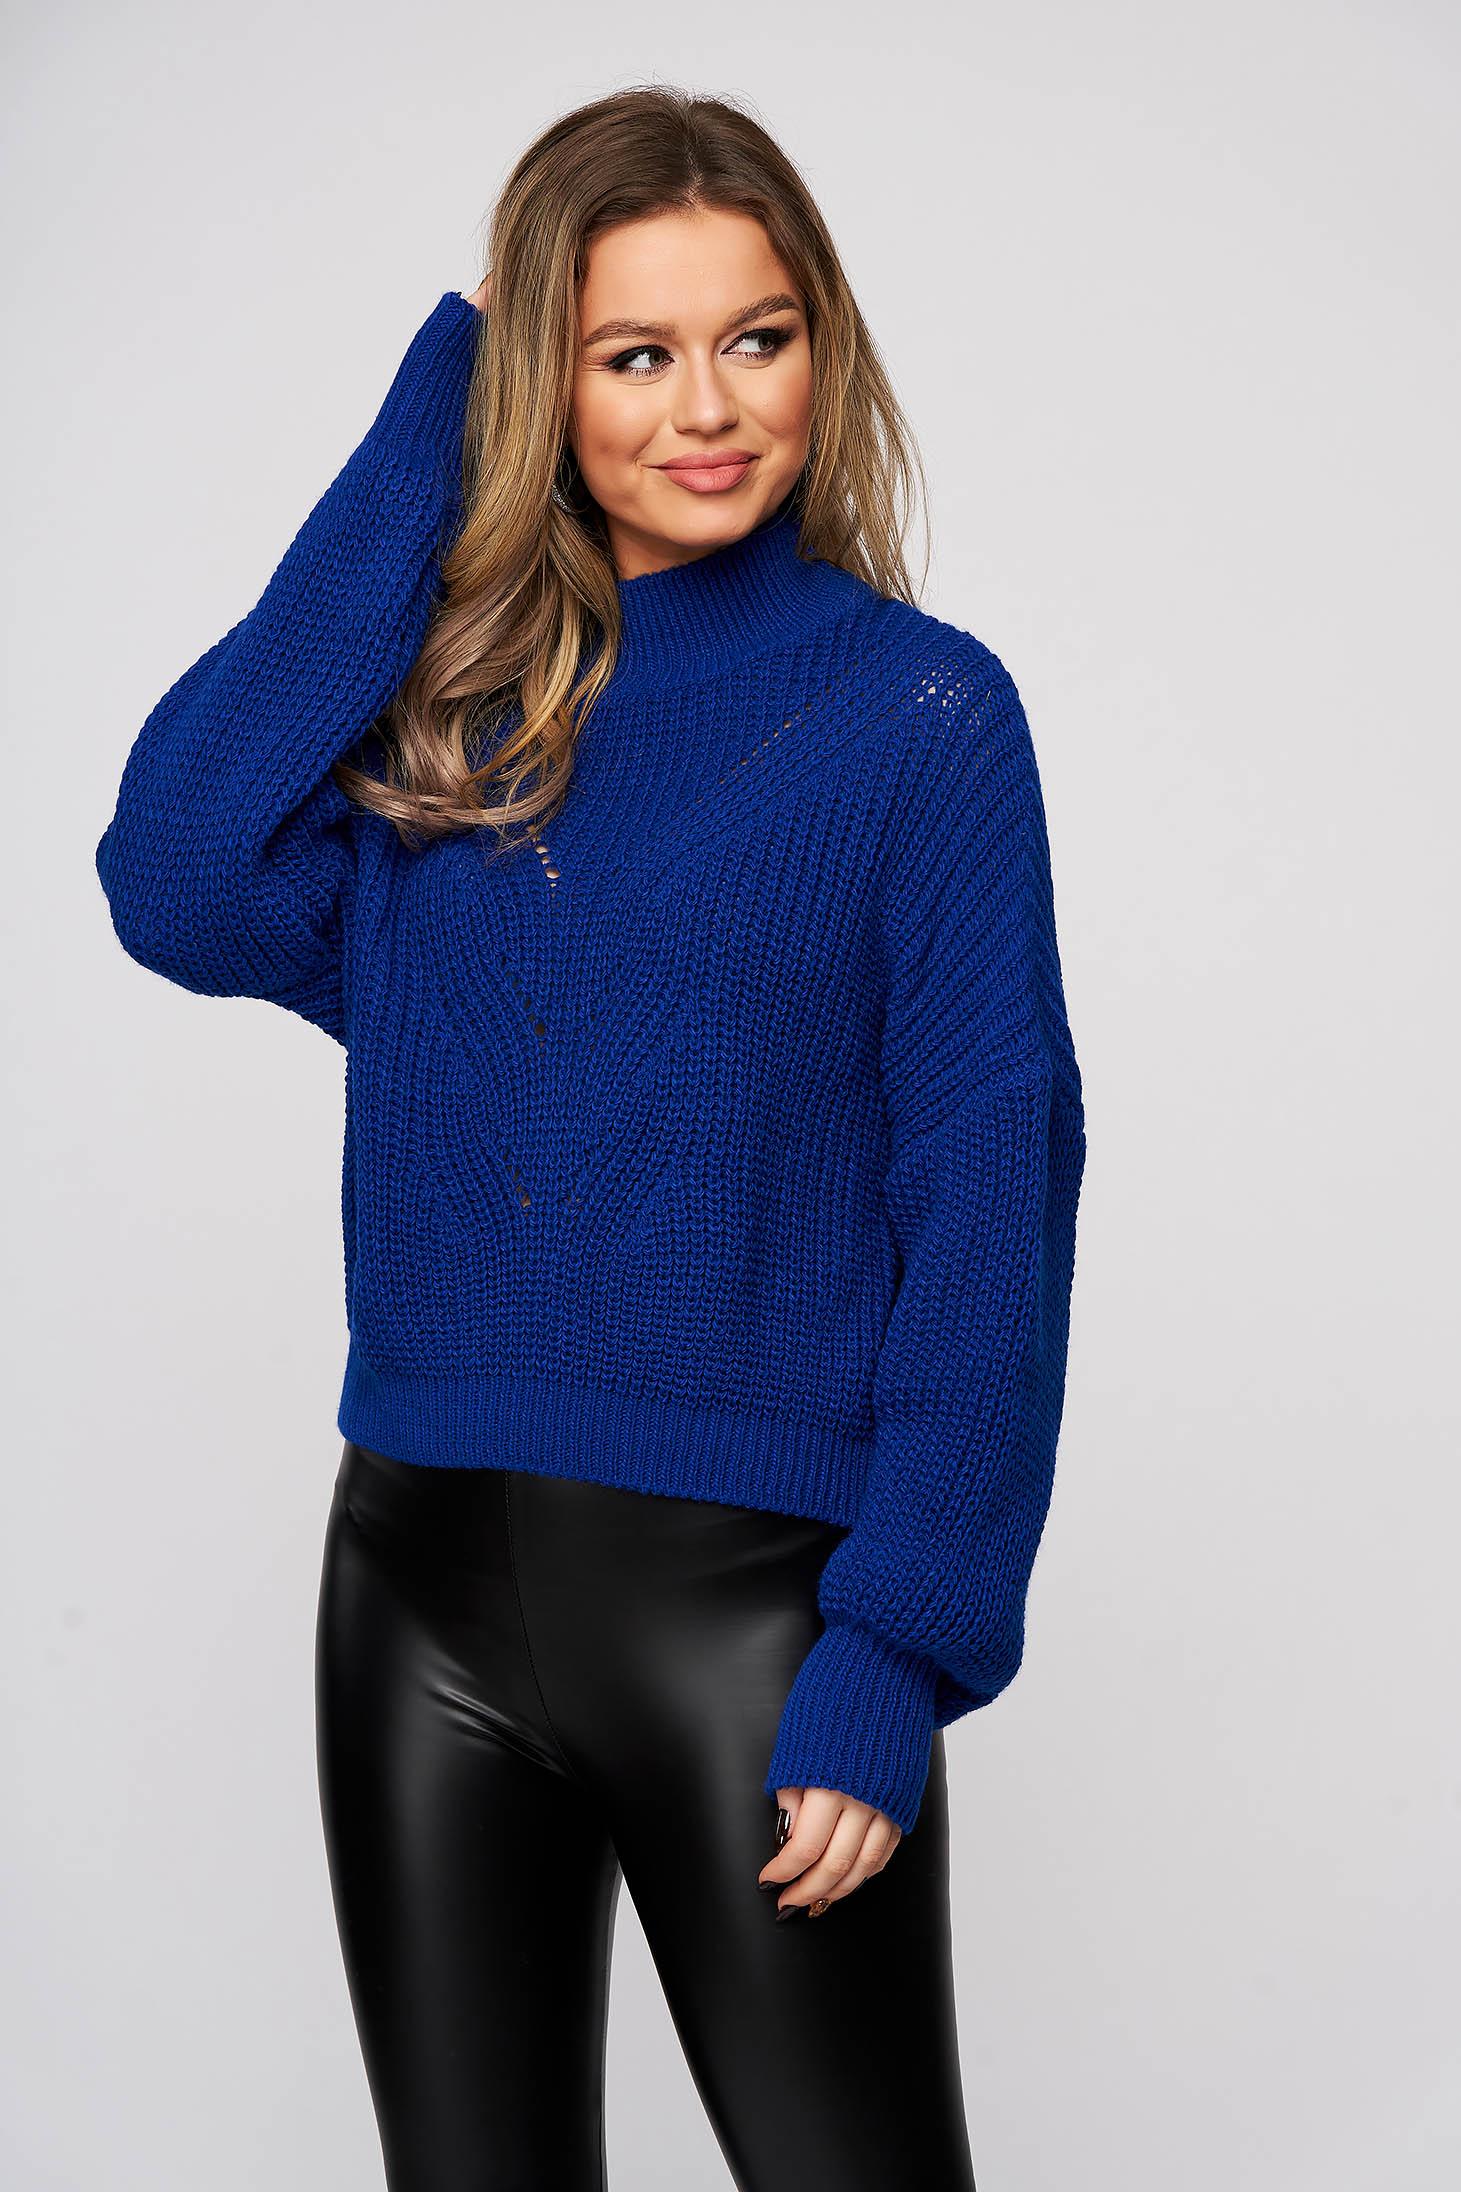 Pulover SunShine albastru din tricot usor transparent cu maneci bufante si croi larg